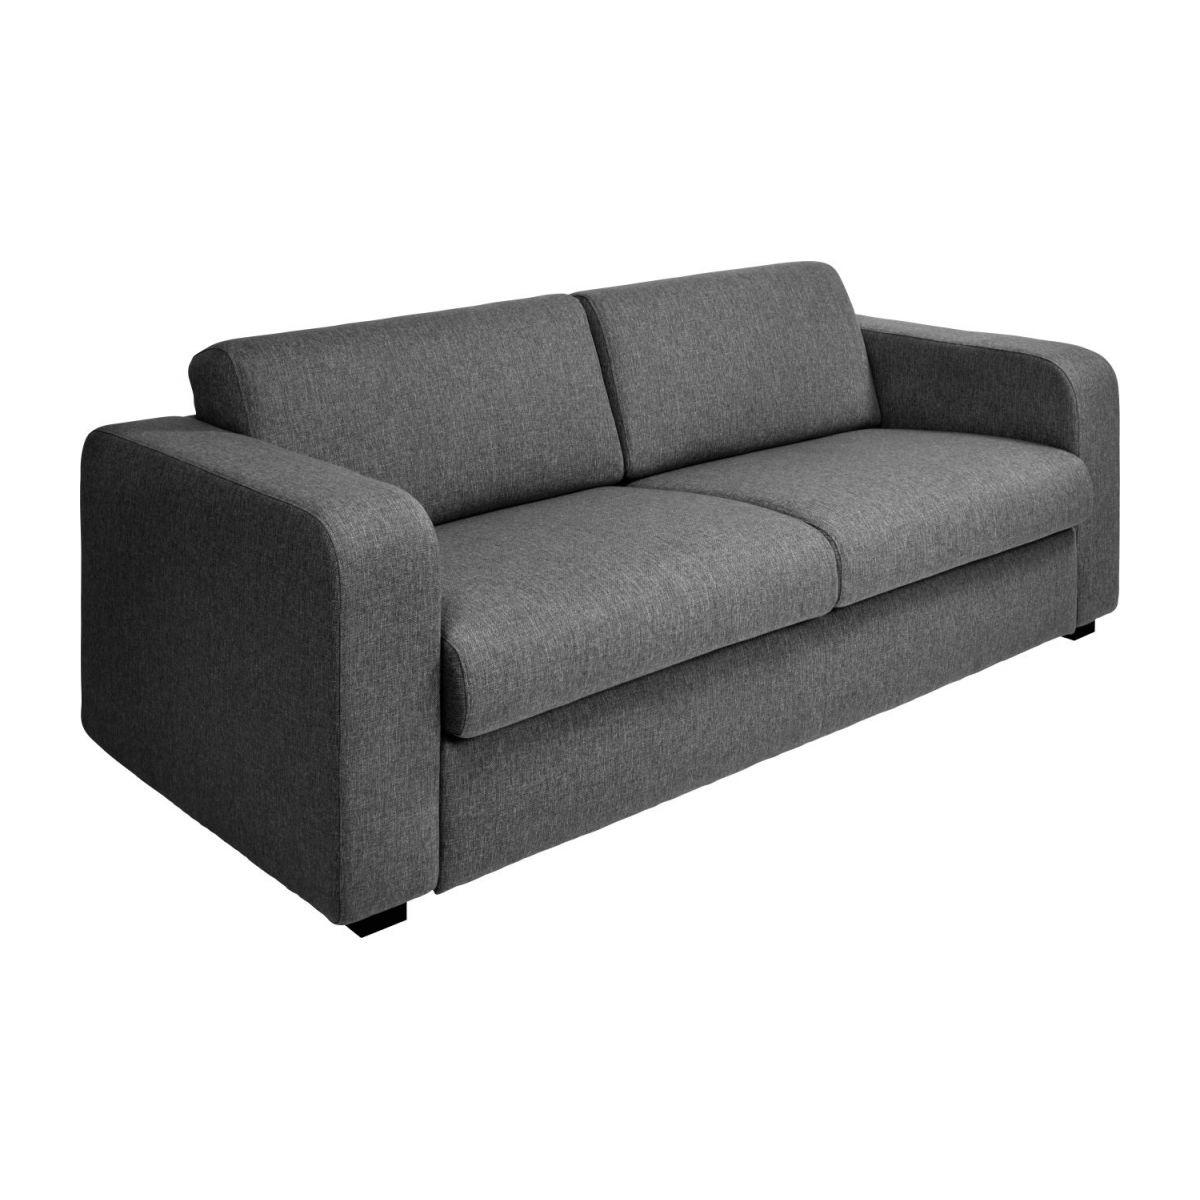 Canapé 2 Places Convertible En Tissu - Gris tout Canape Lit Convertible Couchage Quotidien